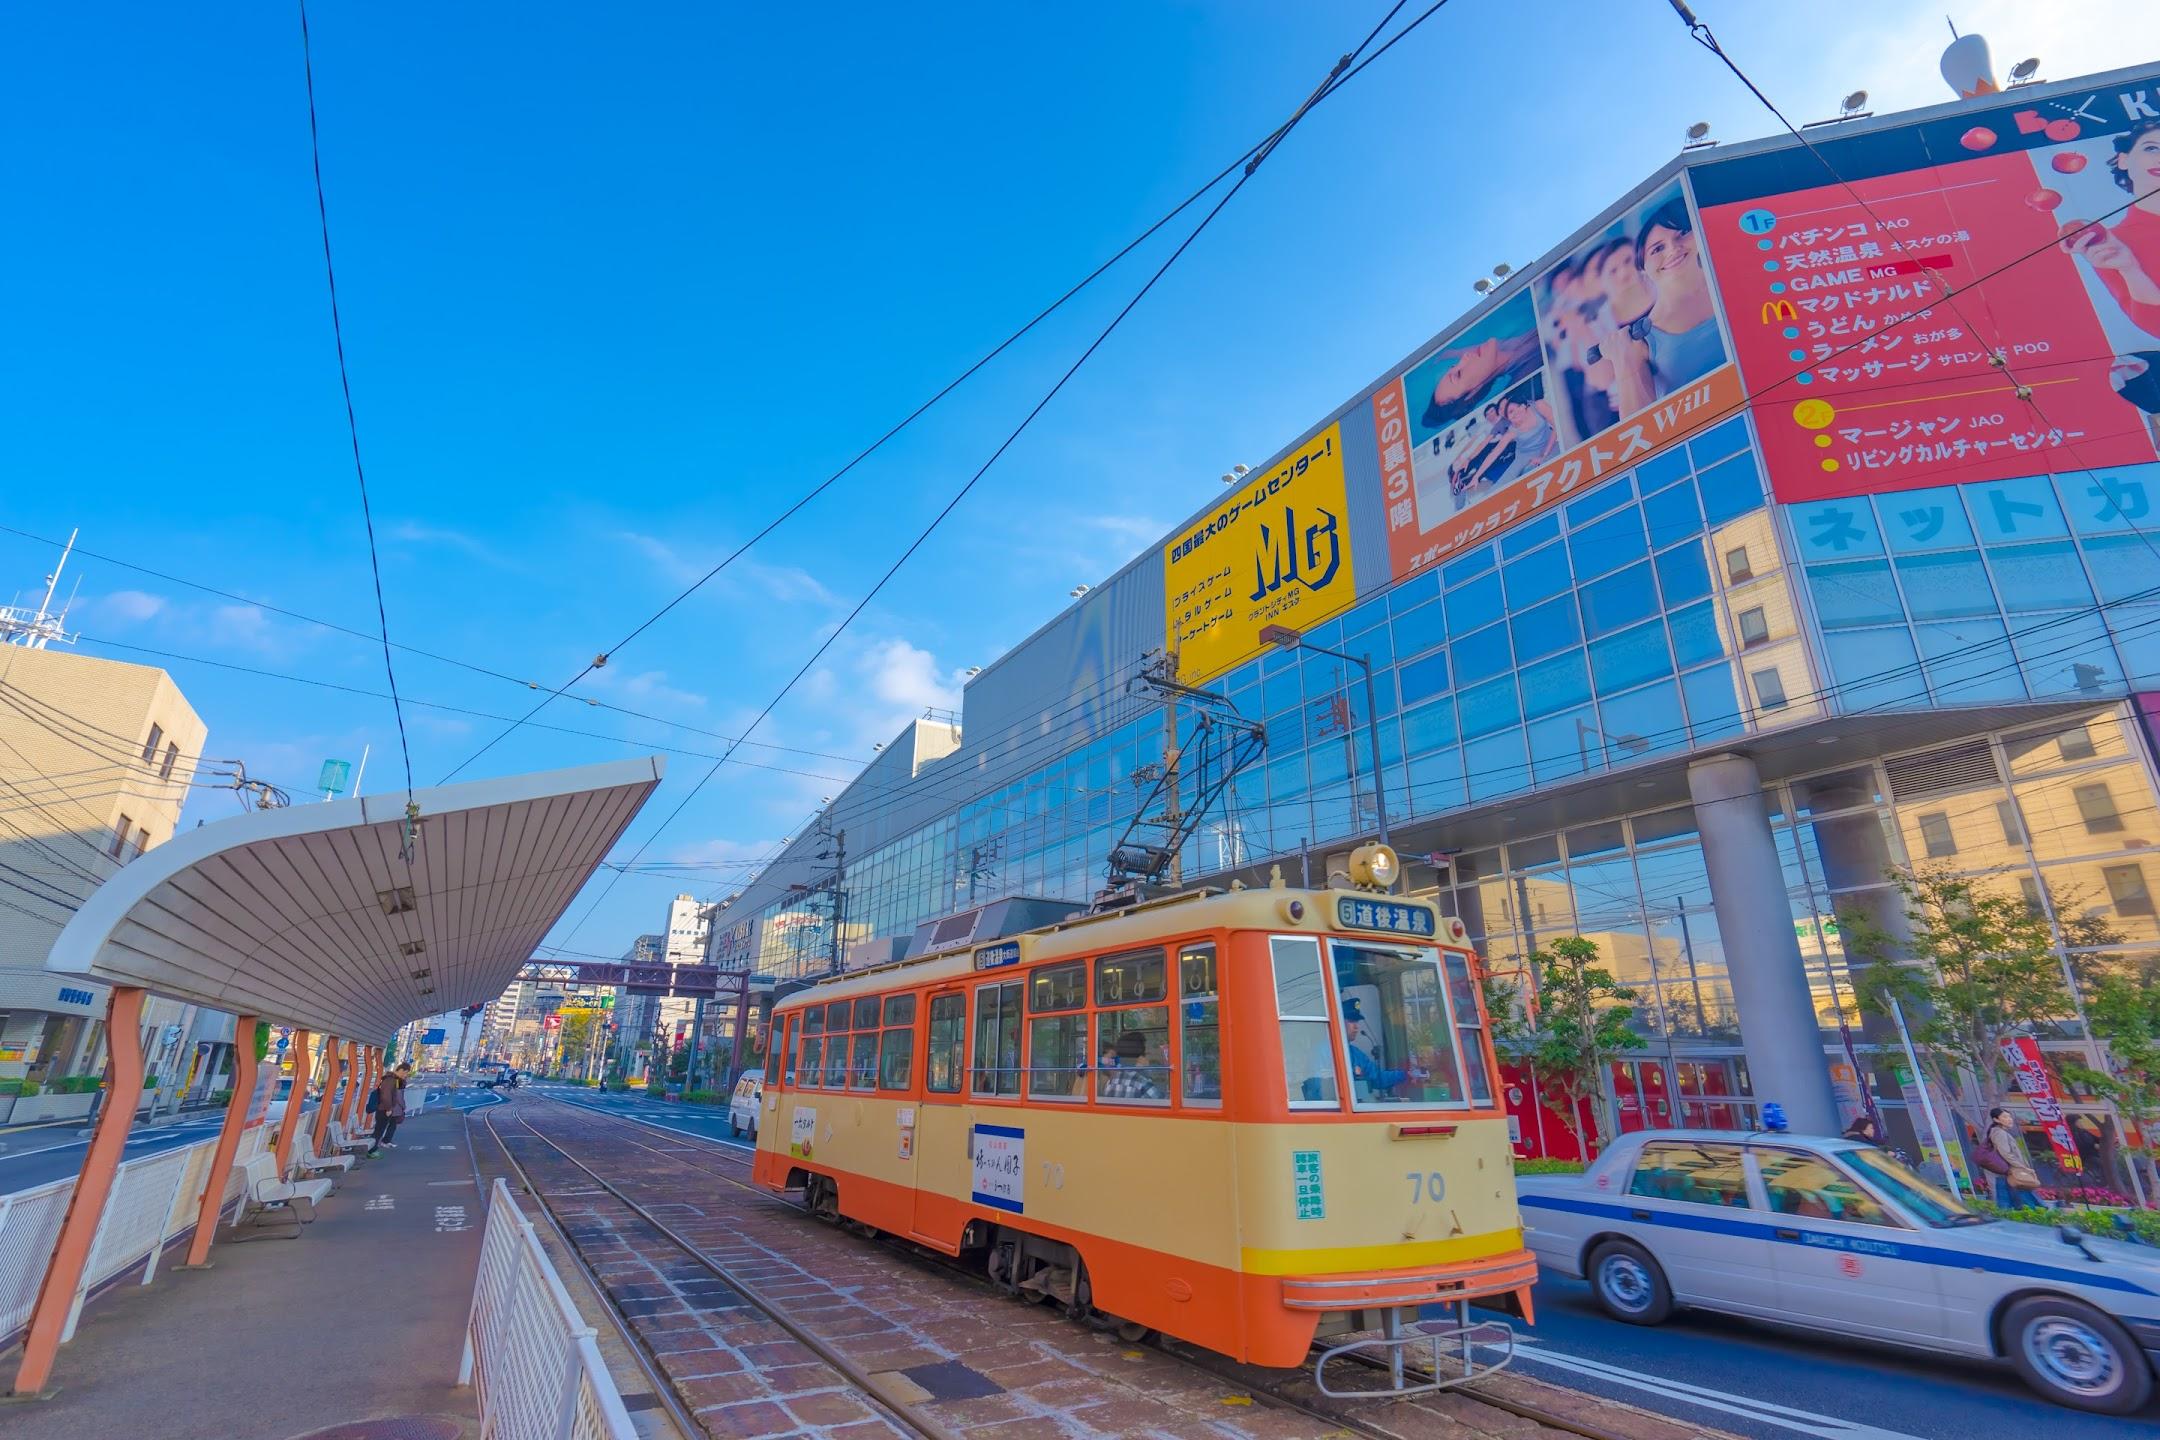 愛媛 松山 市内電車(路面電車)3